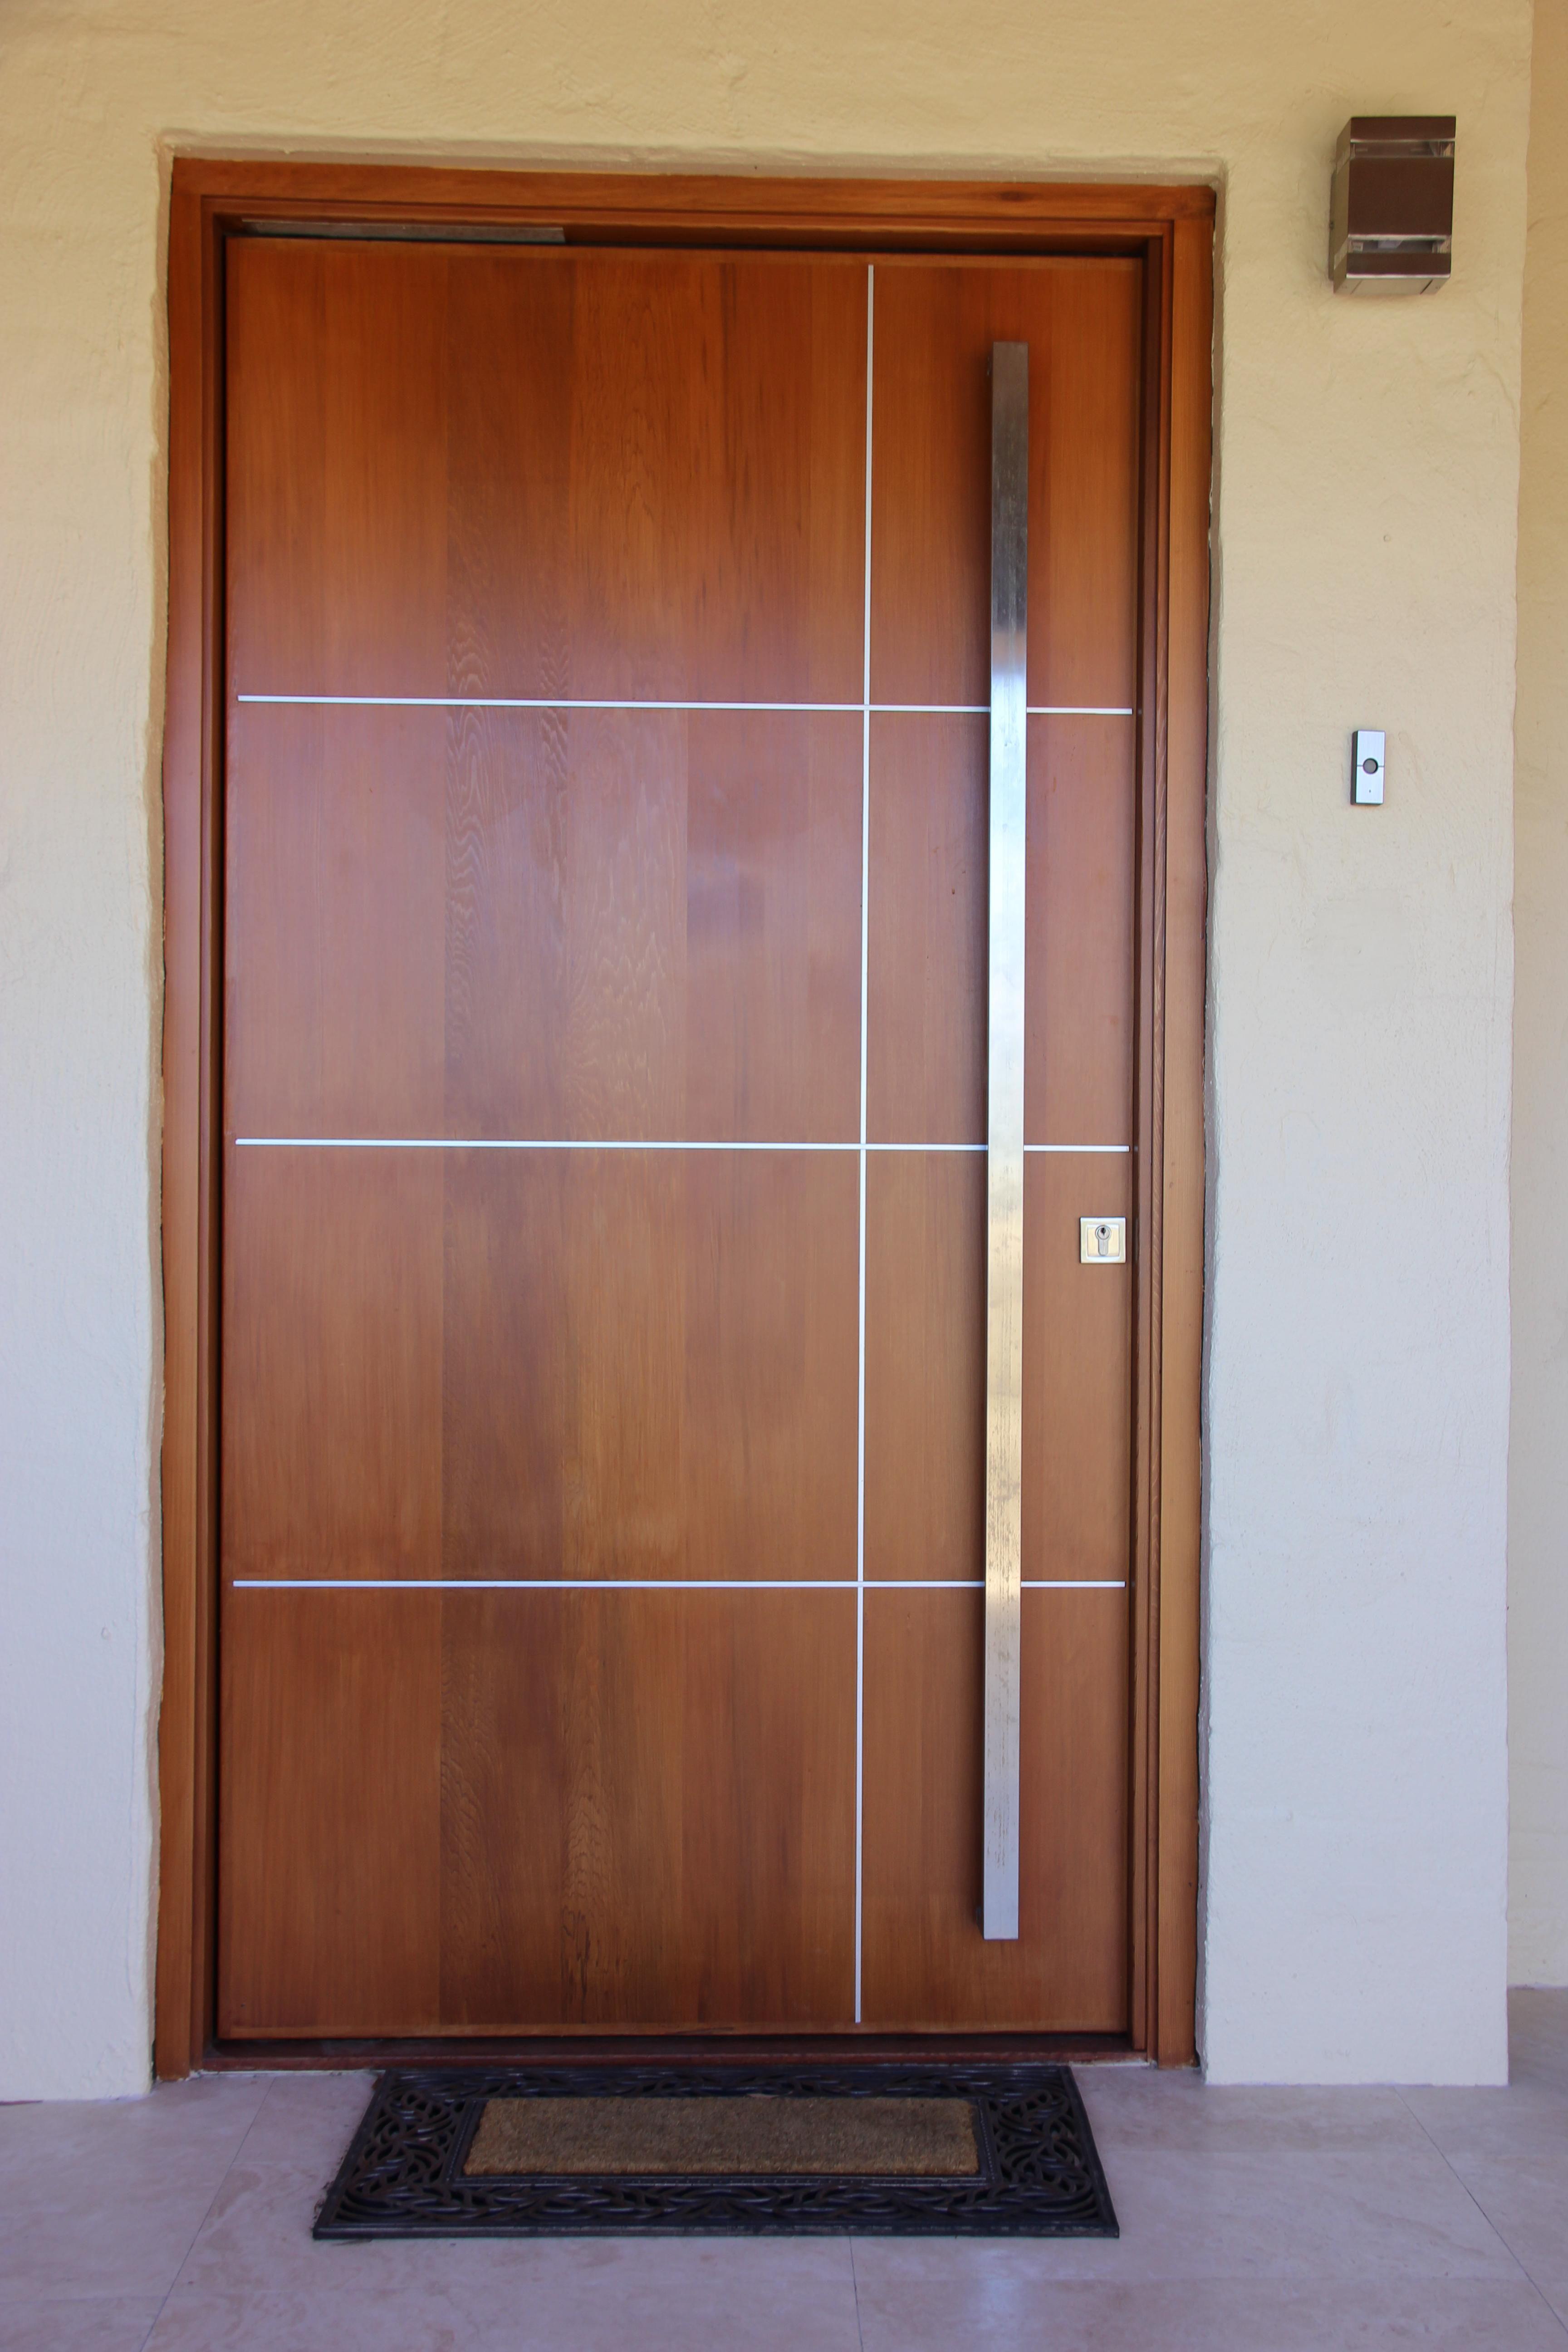 90 Door Models Types Sliding Wood Glass And Photos Door Types